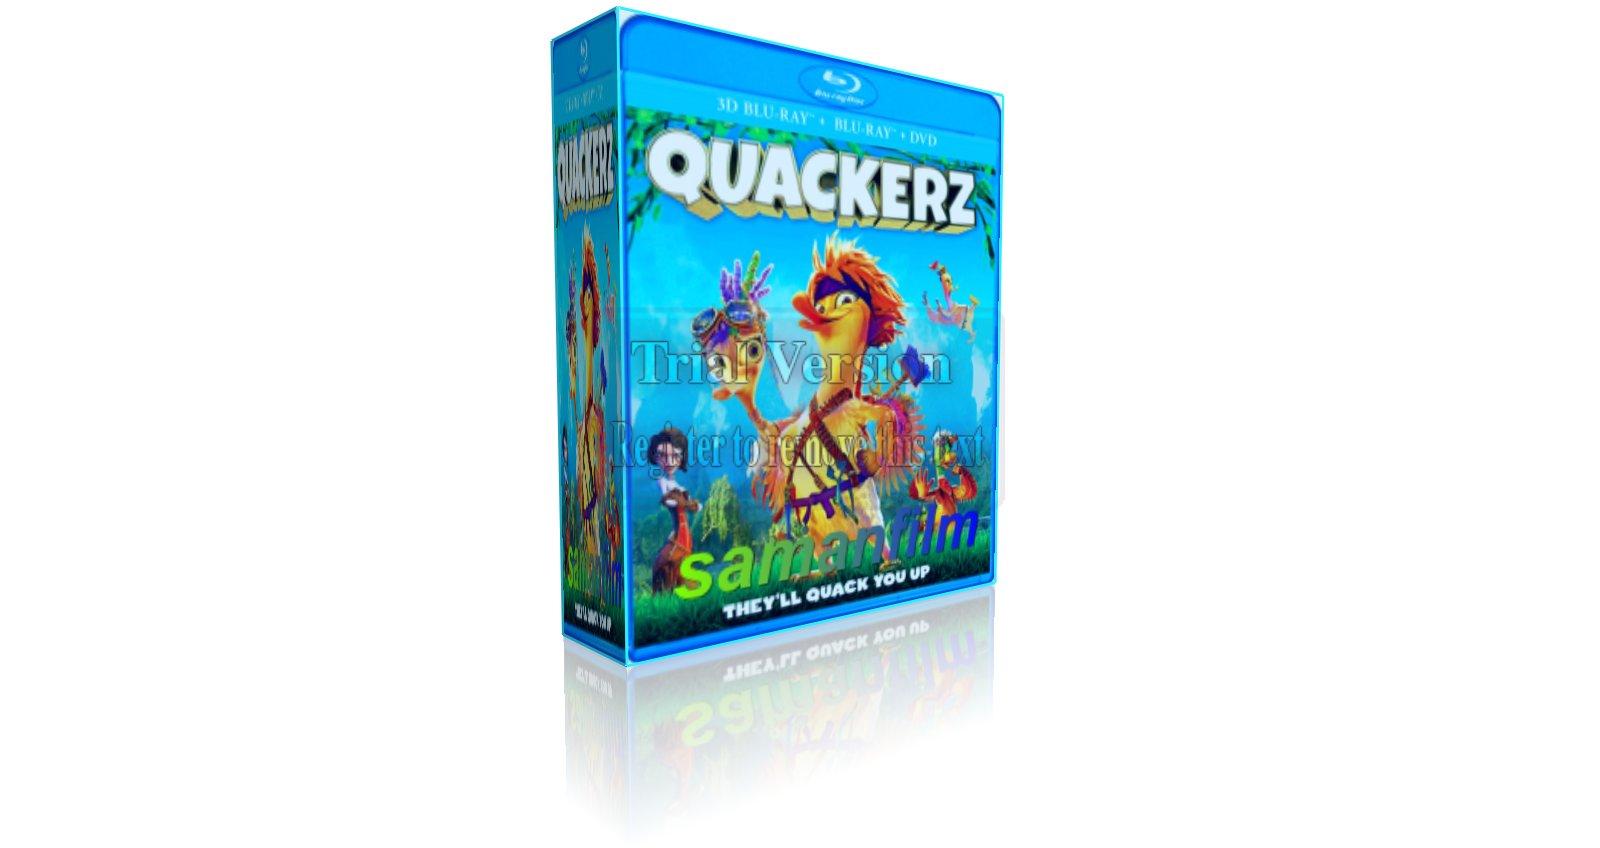 دانلود انیمیشن اردک ها Quackerz 2016 دوبله فارسی